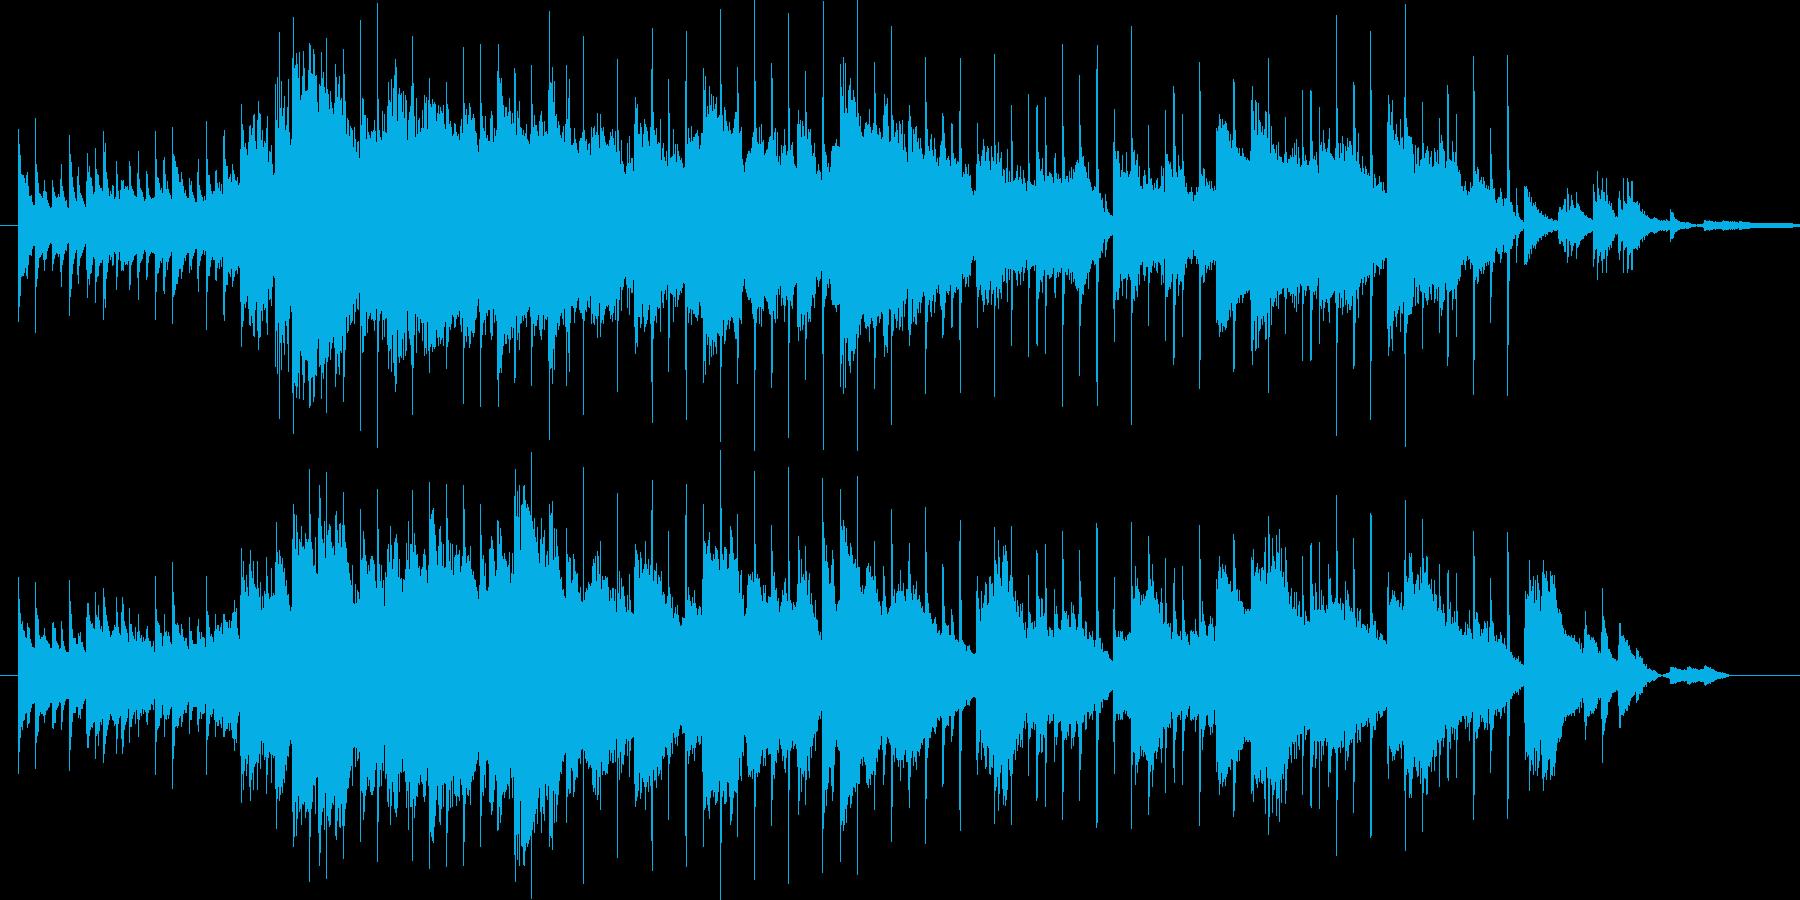 天空のbgmの再生済みの波形